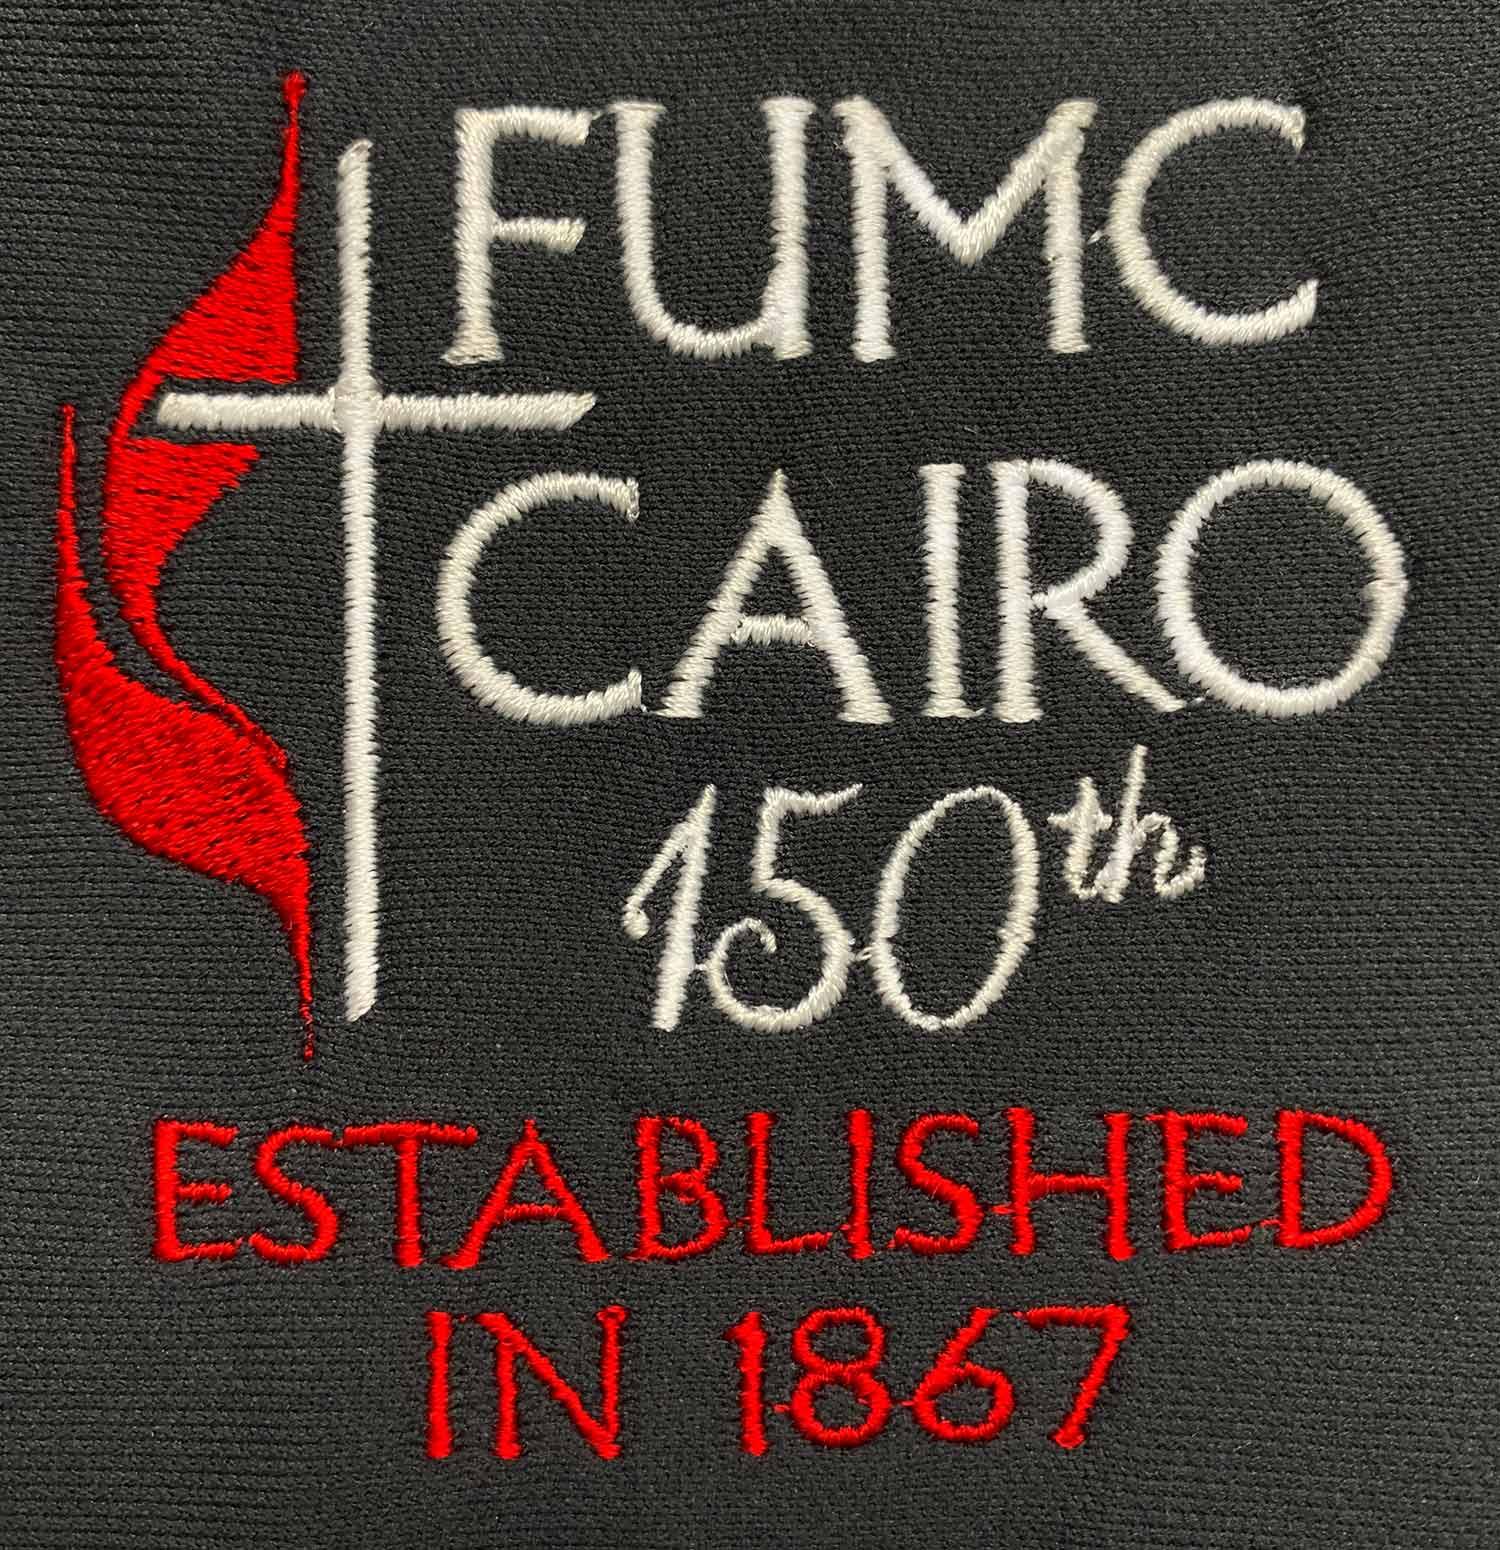 KYC_FUMC-CAIRO-150th-ANNIVERSARY_web.jpg